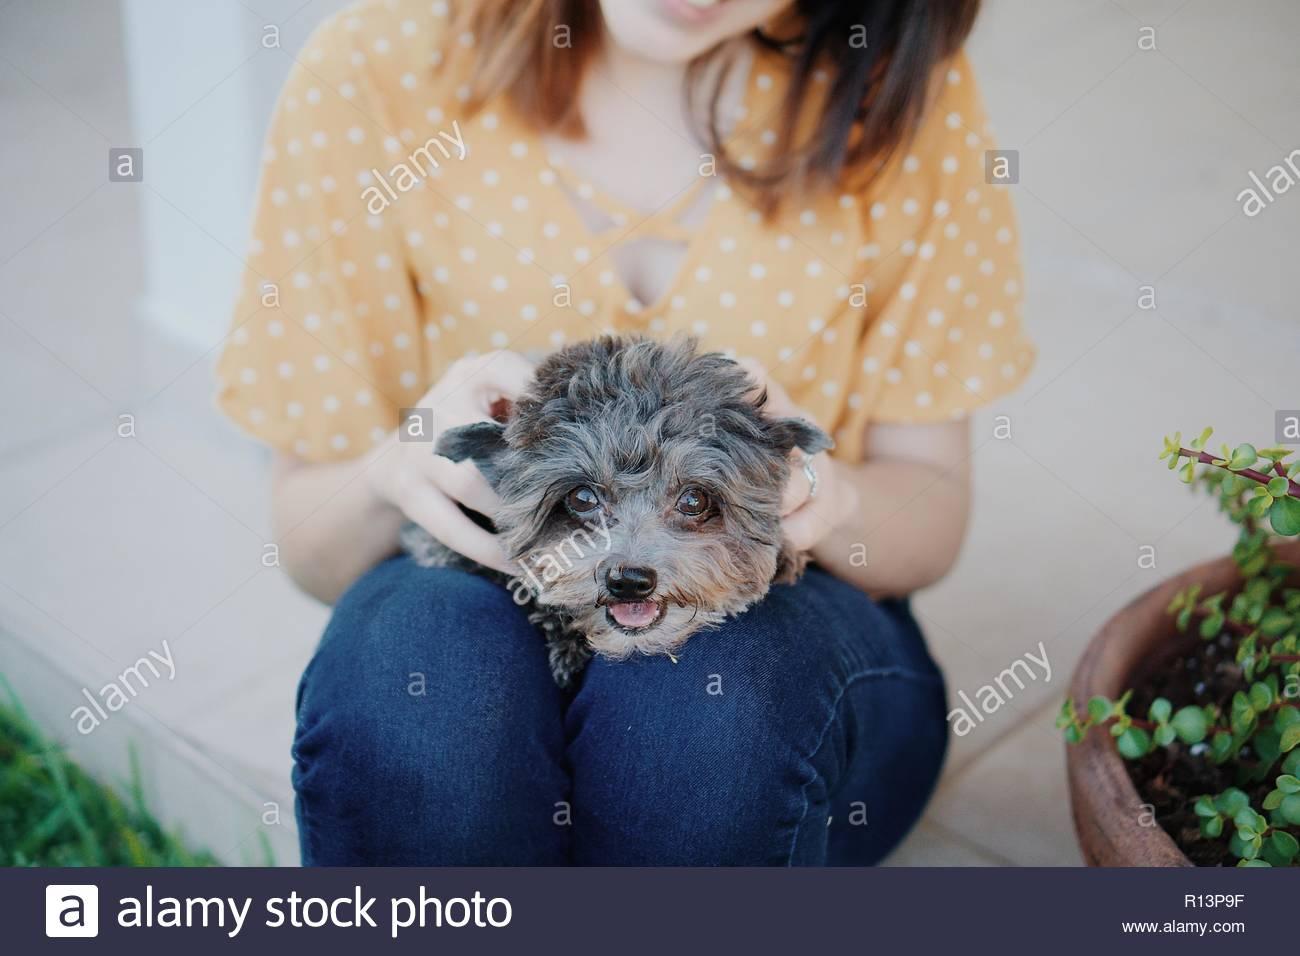 La mitad del torso de una mujer sentada con su perro Imagen De Stock